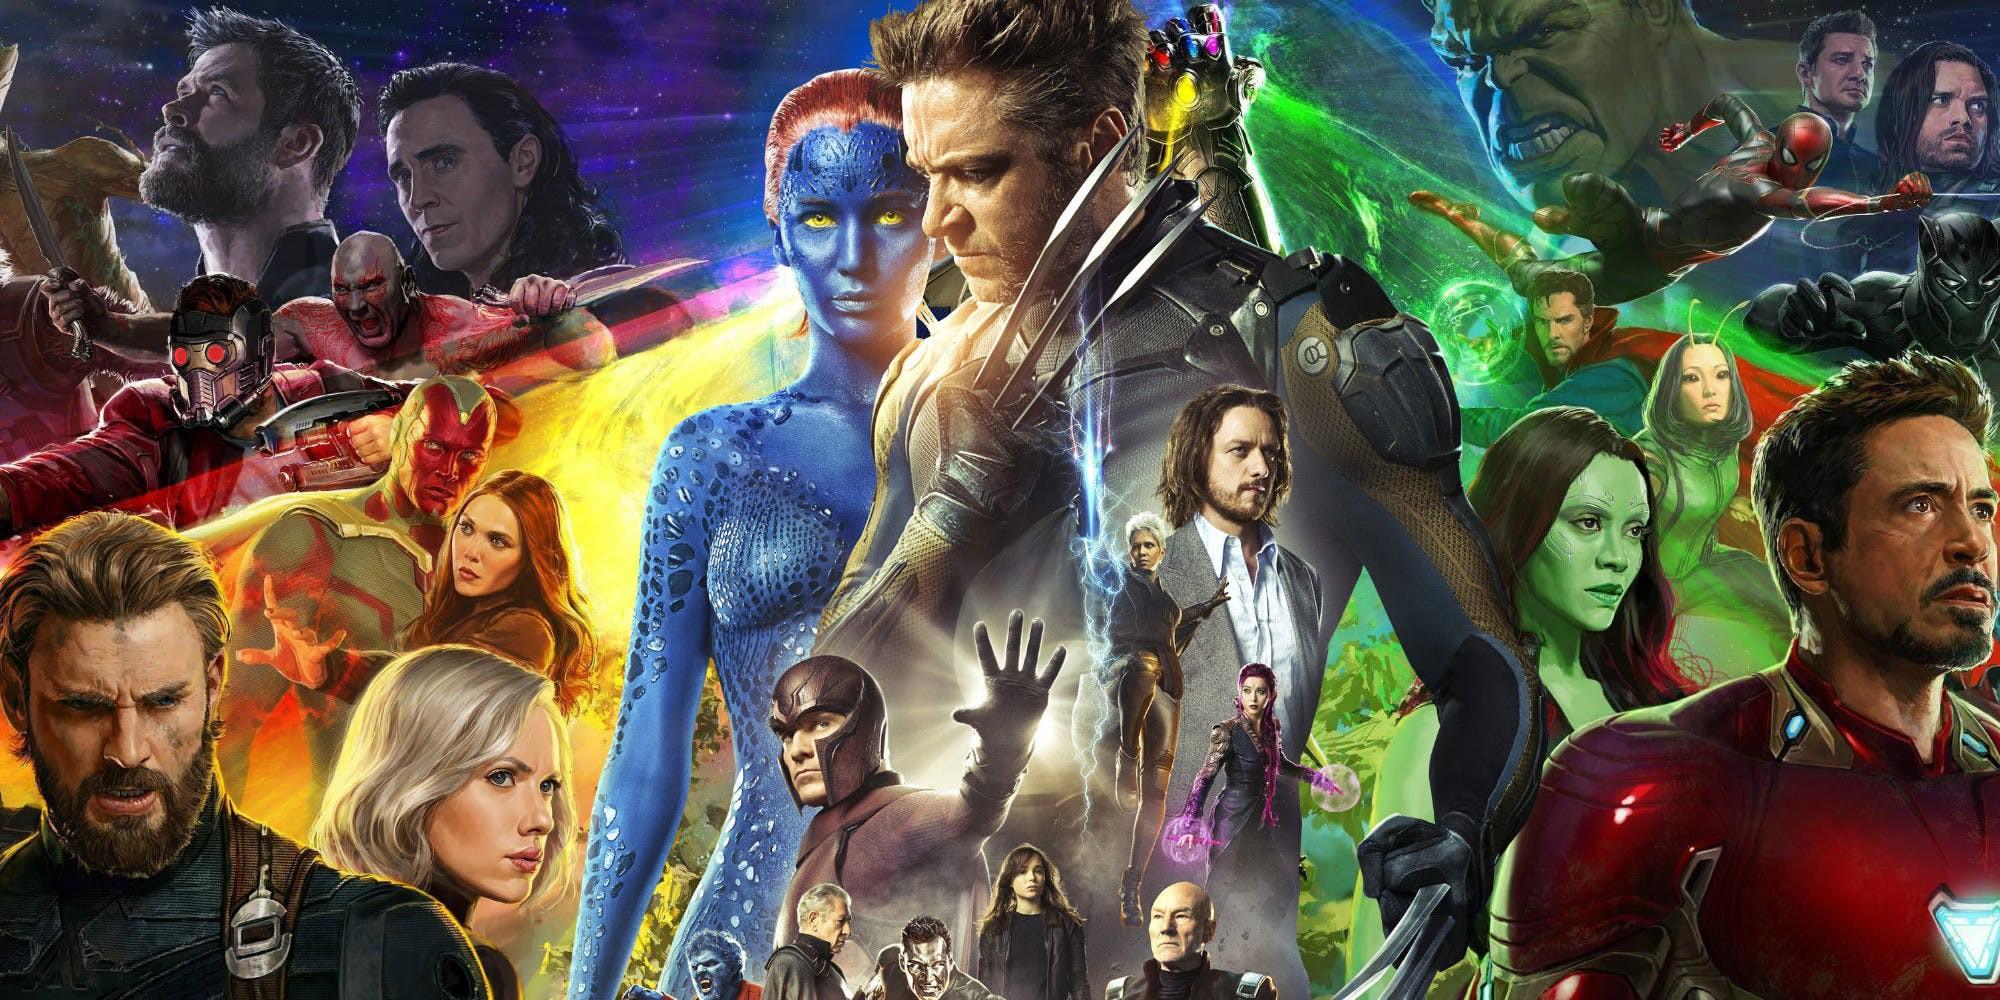 143 – Thêm một dự án bí ẩn từ đạo diễn Deadpool thuộc vũ trụ X-Men? - Ảnh 2.